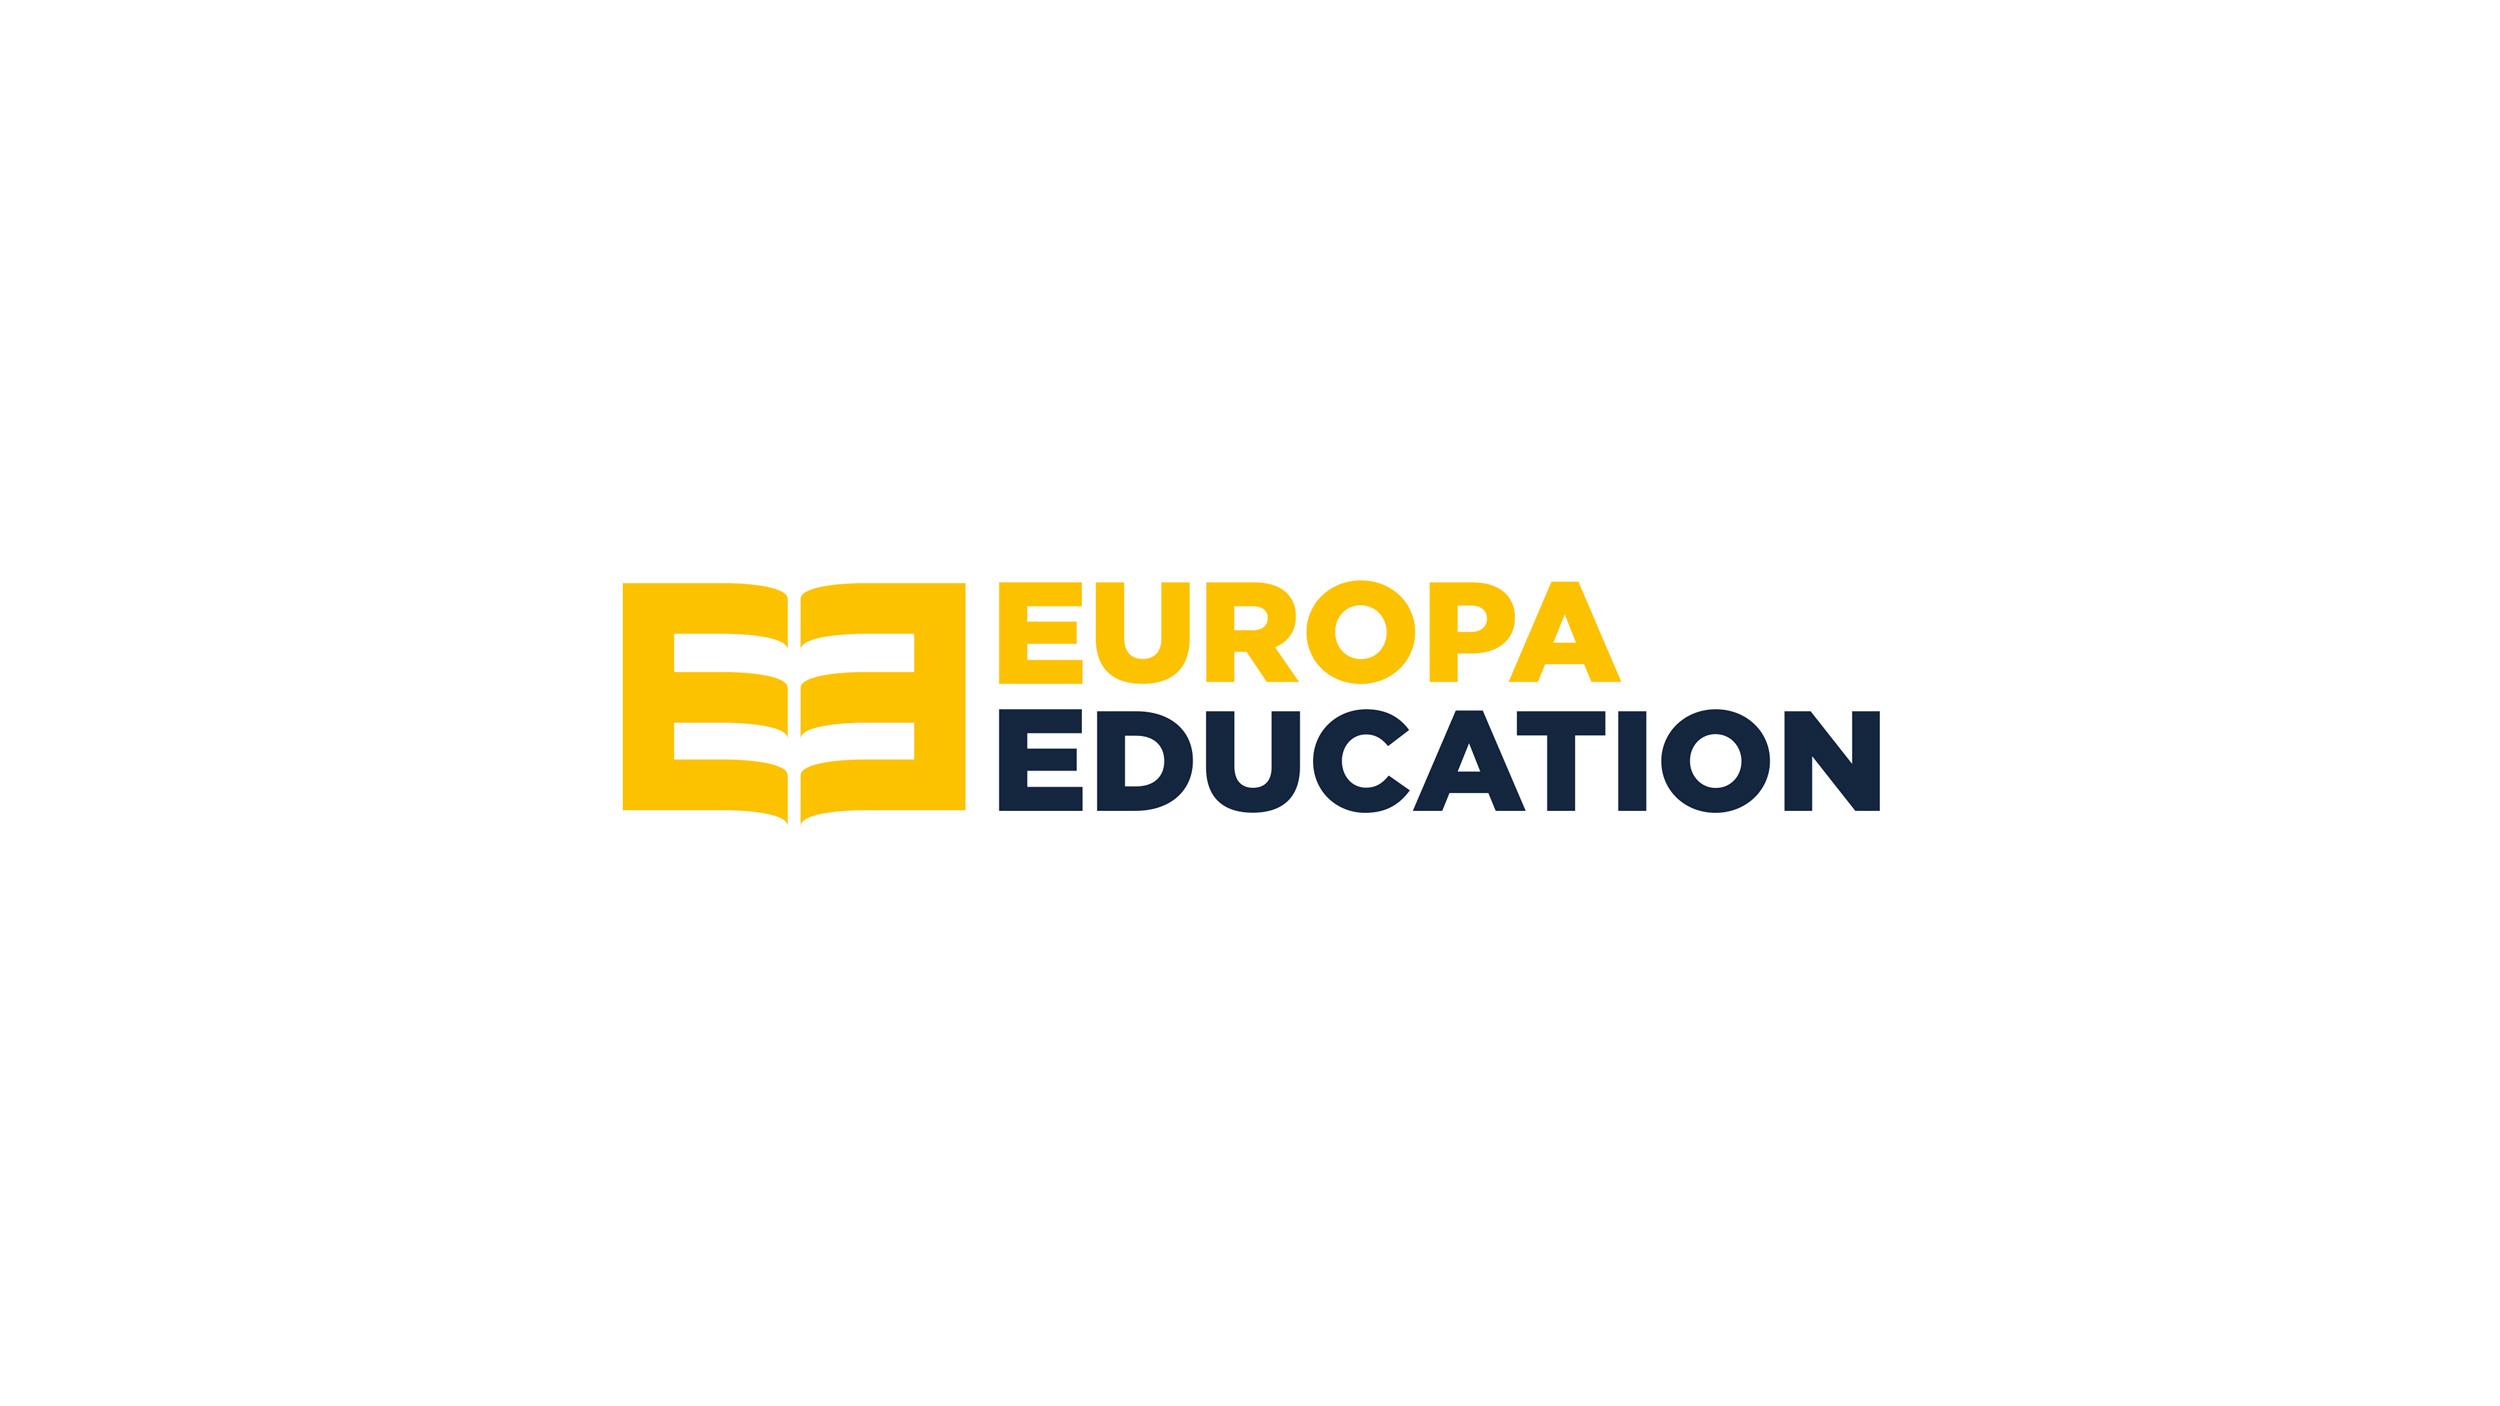 kamikaze-logotipo-universidad-europea-logotipo-02